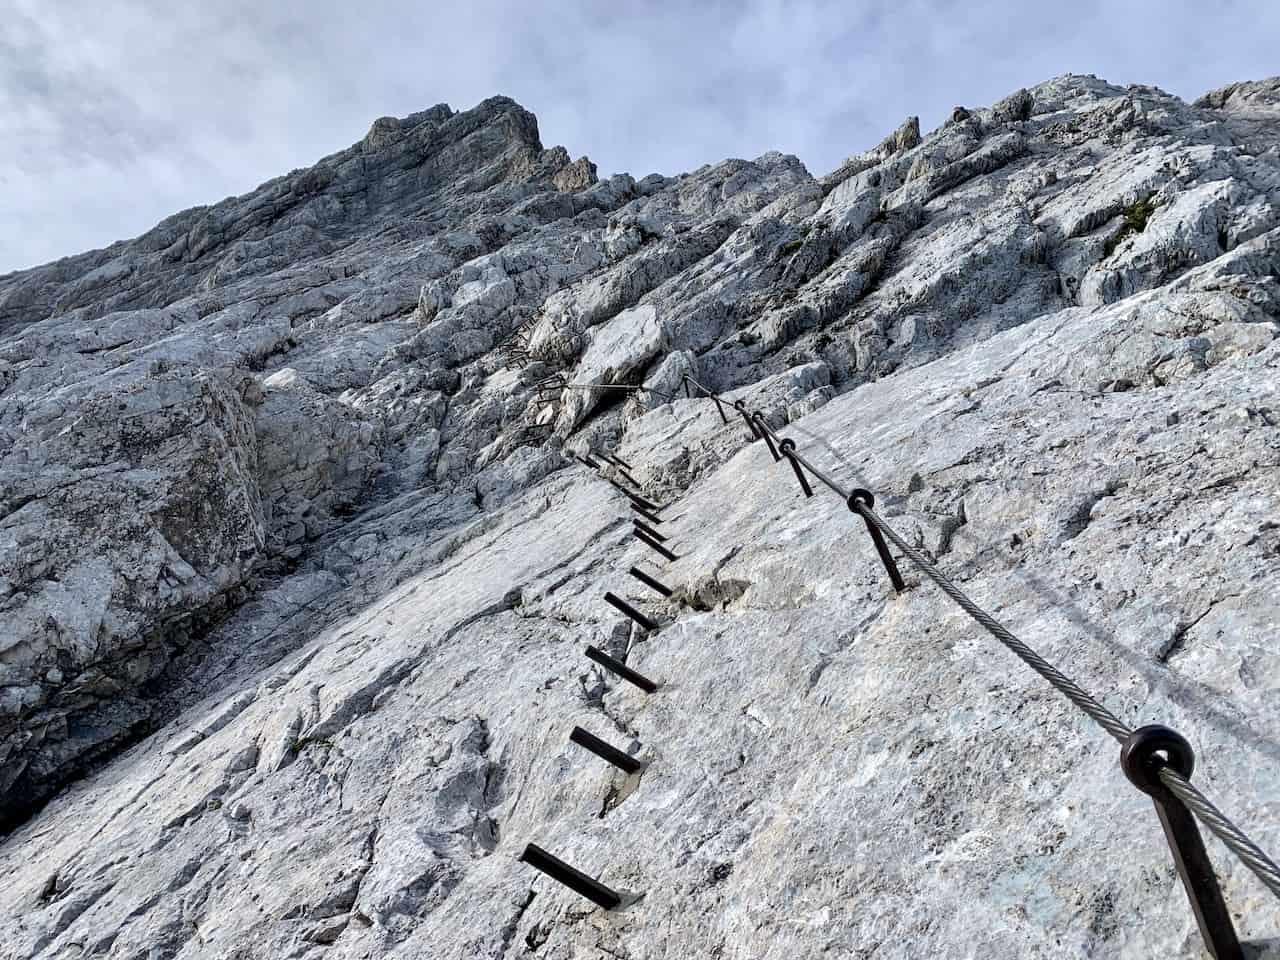 Klettersteig Route Alpspitze